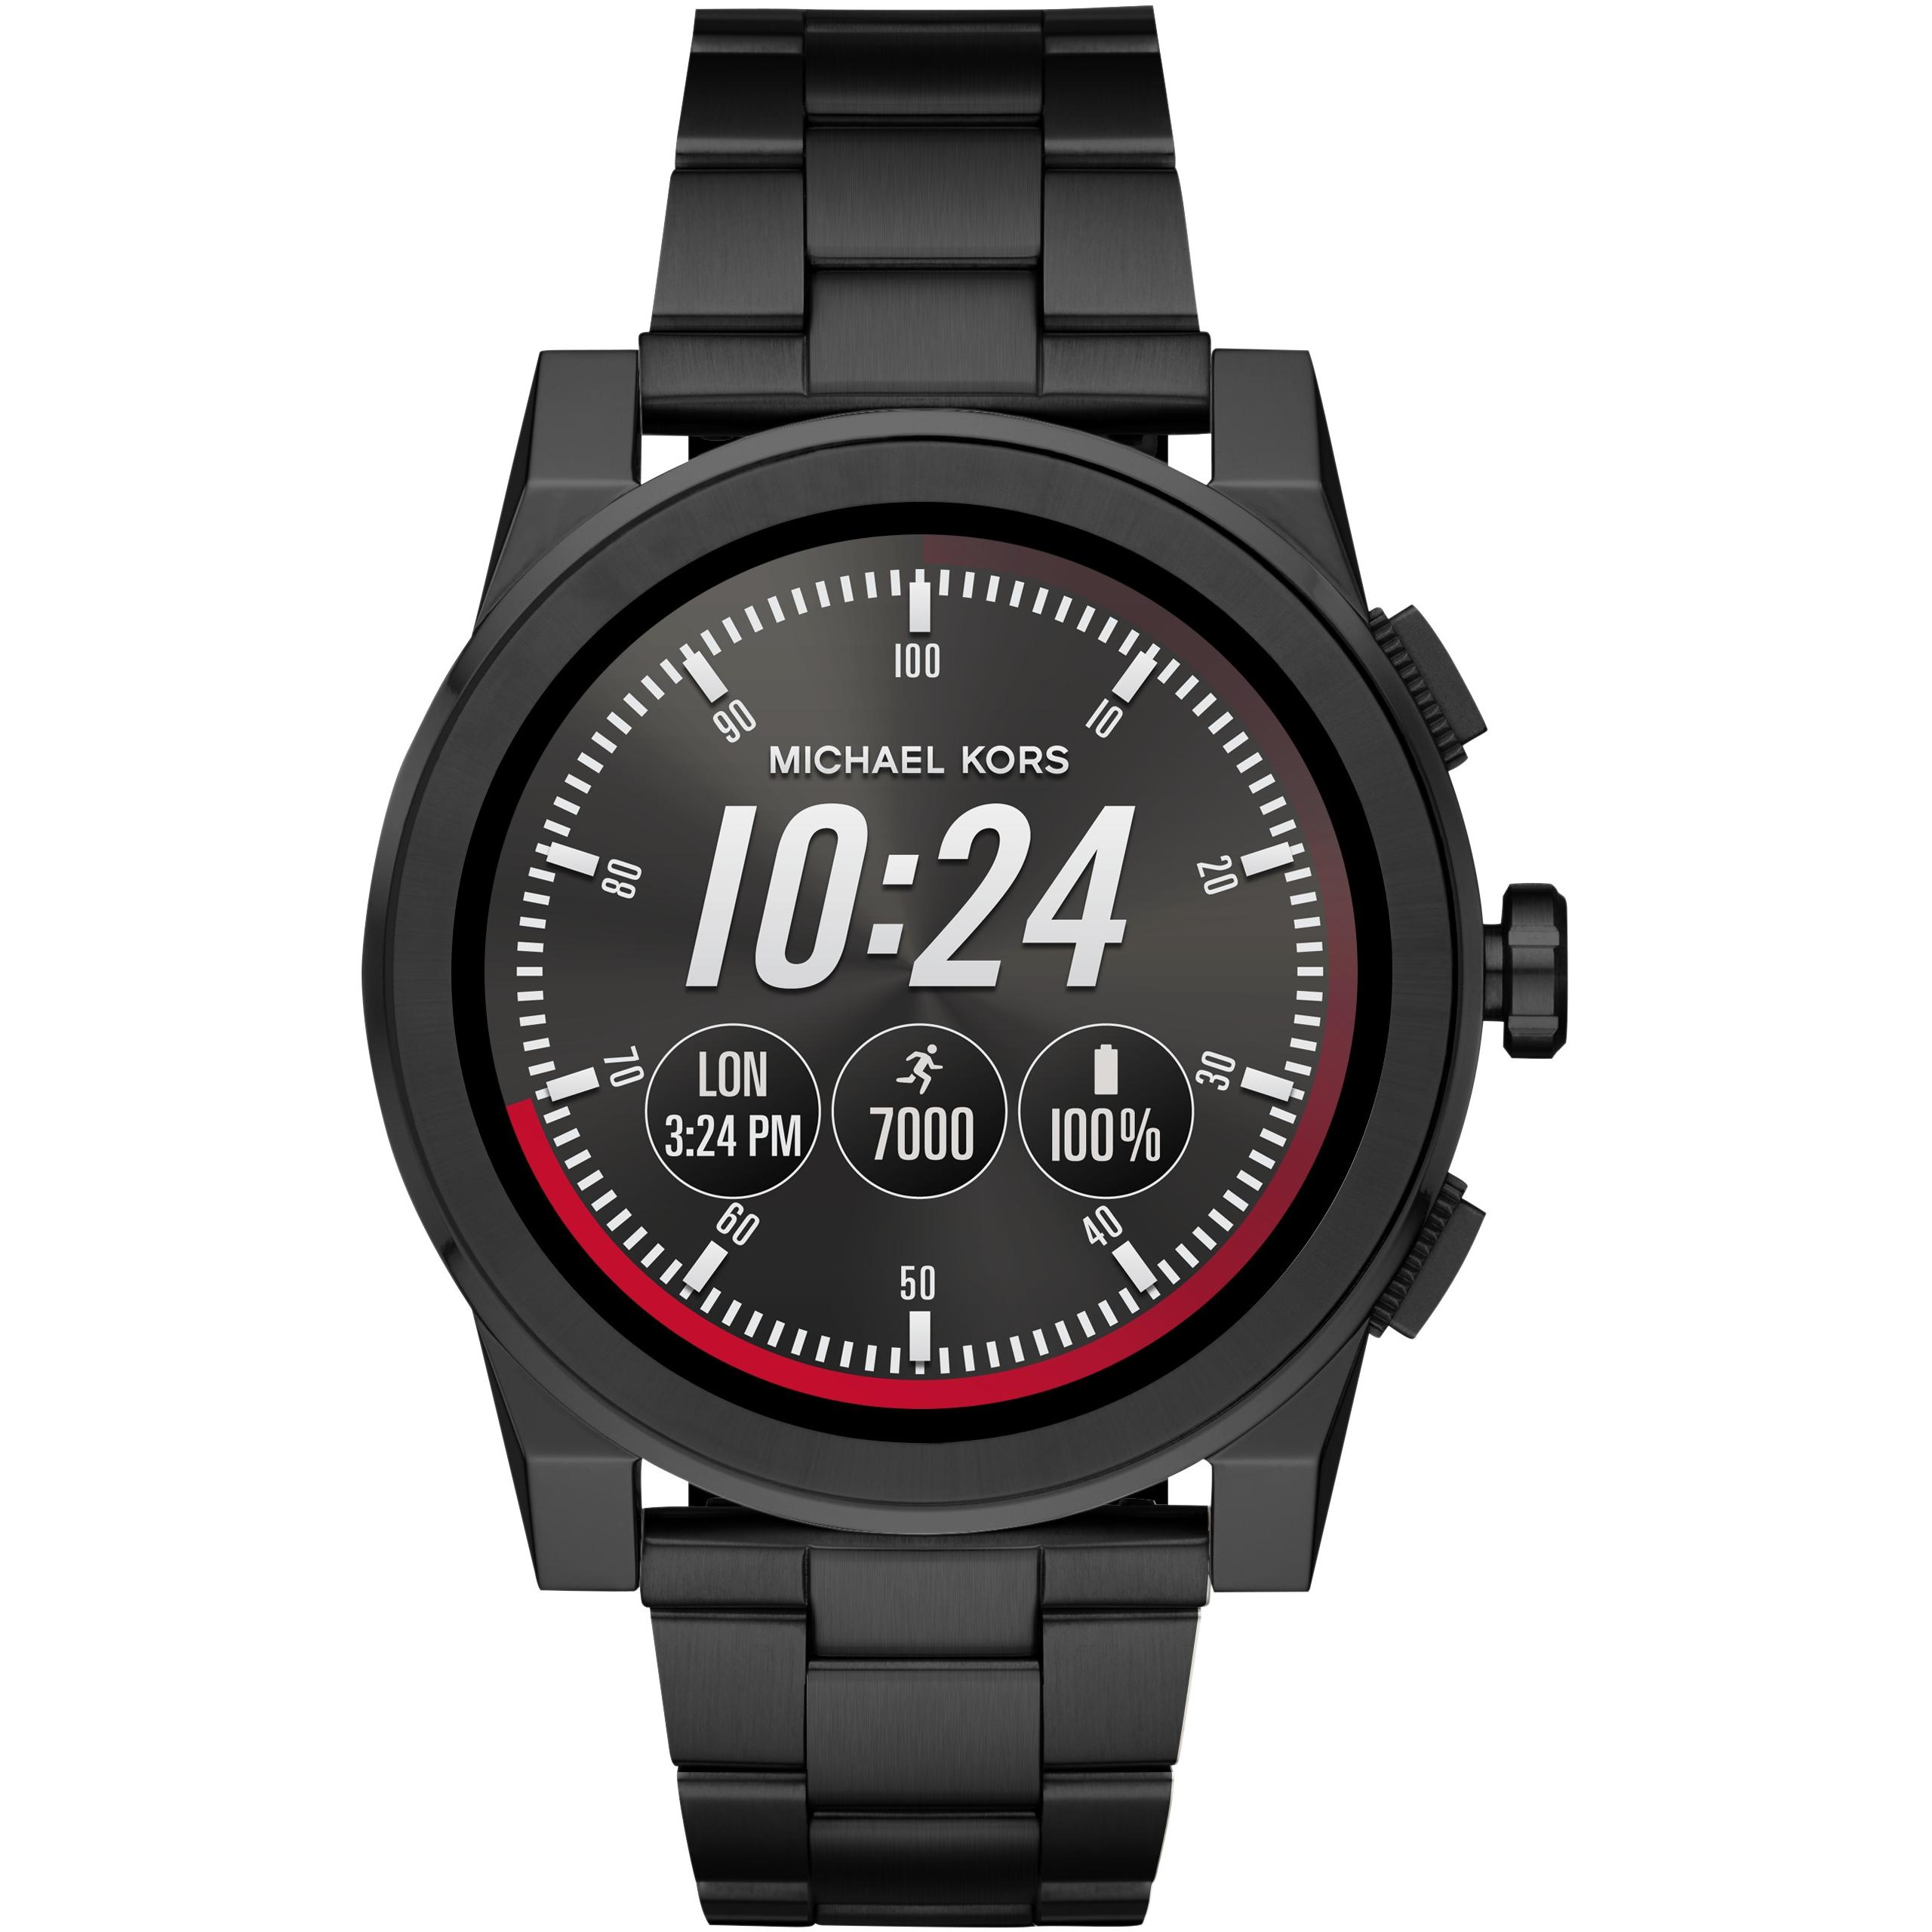 Michael Kors Men's Smartwatch Grayson MKT5026/MKT5029 £109 at Amazon